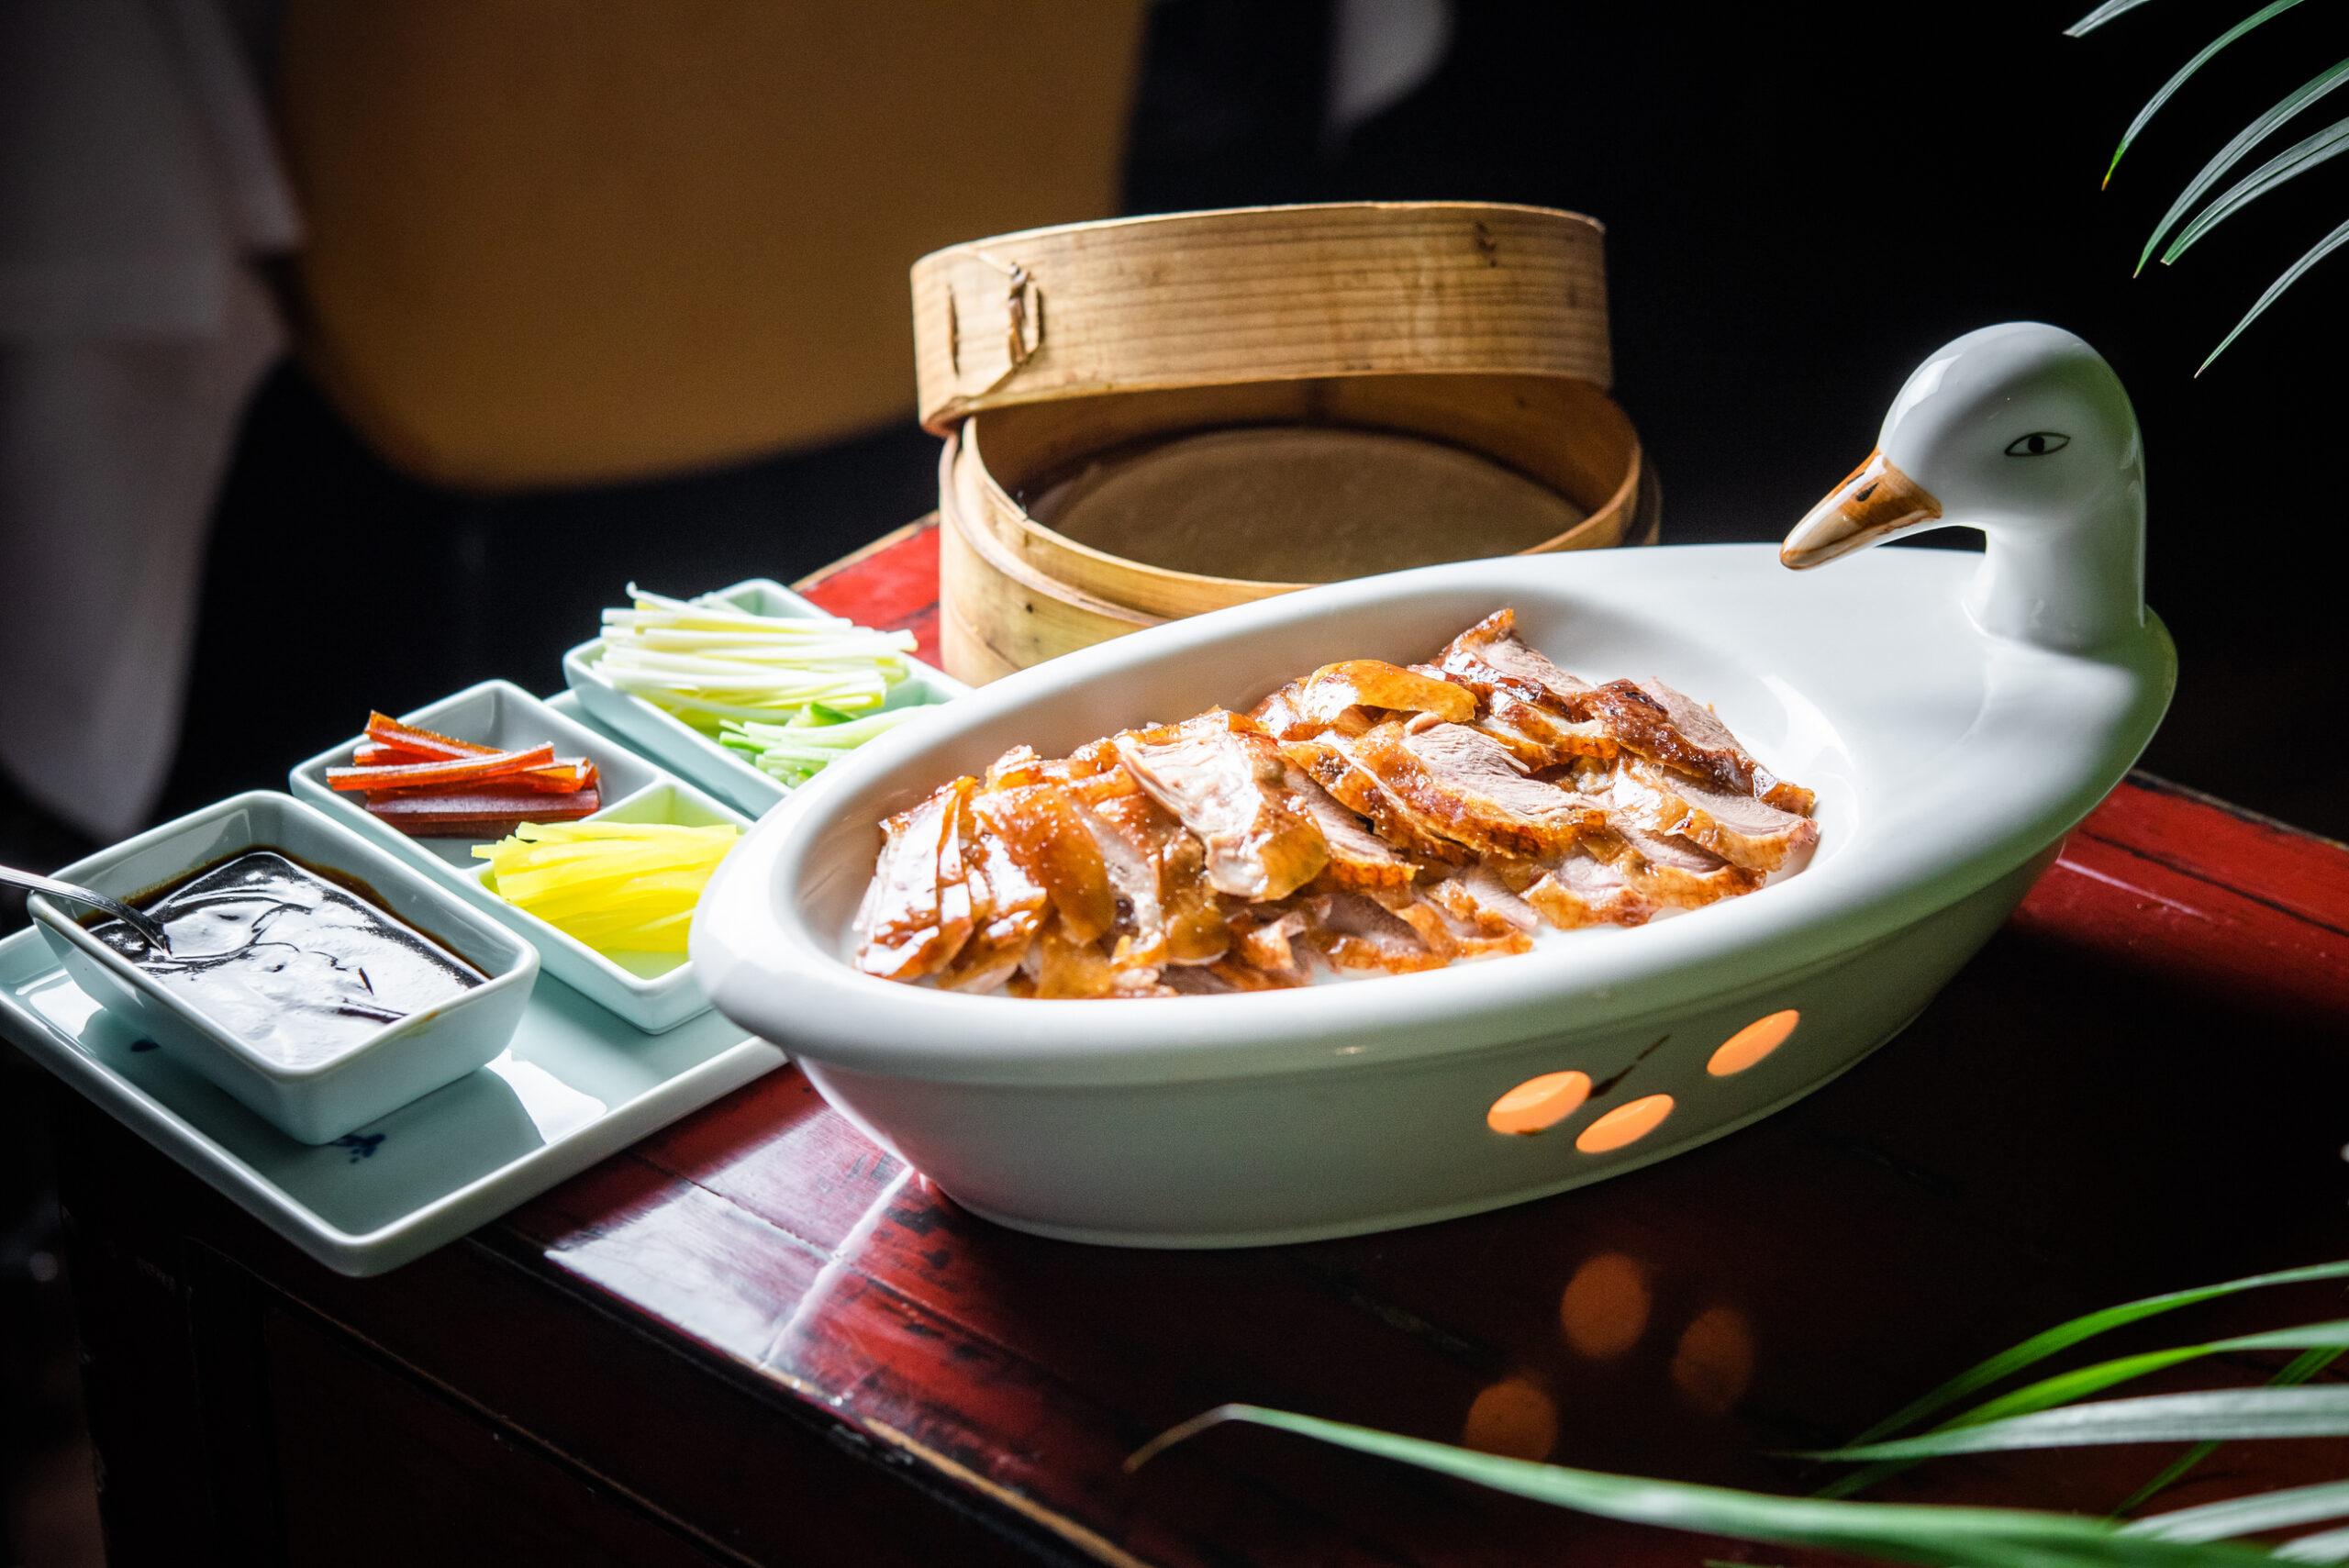 Celebra el Año Nuevo Chino en Hutong con su menú especial